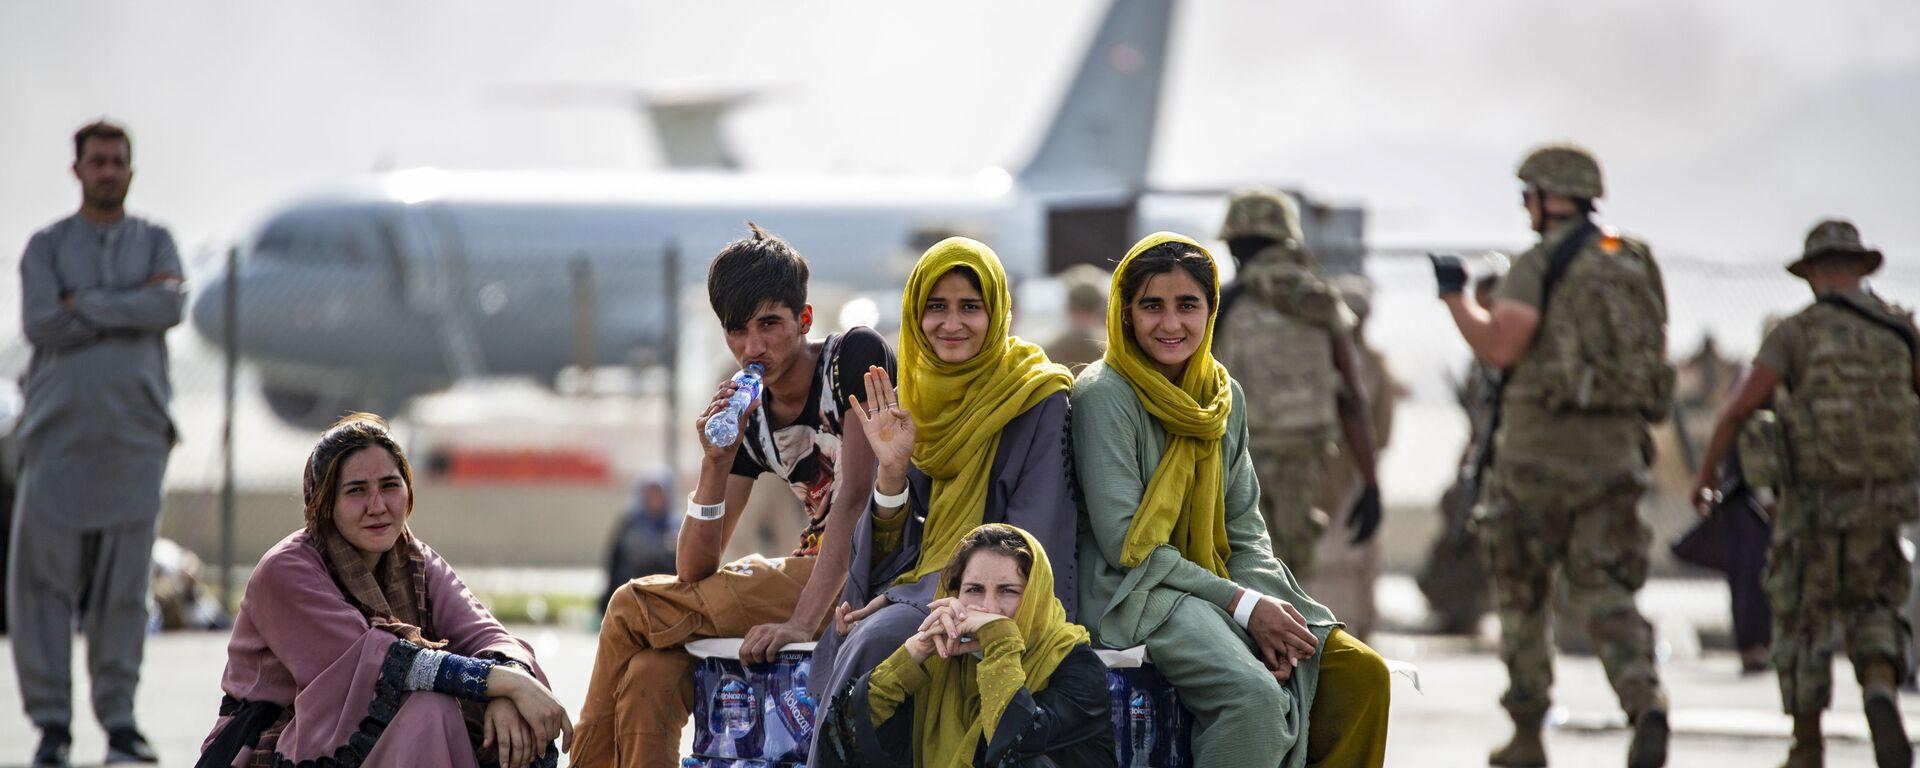 Женщины и дети в ожидании эвакуации в аэропорту Кабула  - Sputnik Việt Nam, 1920, 18.09.2021